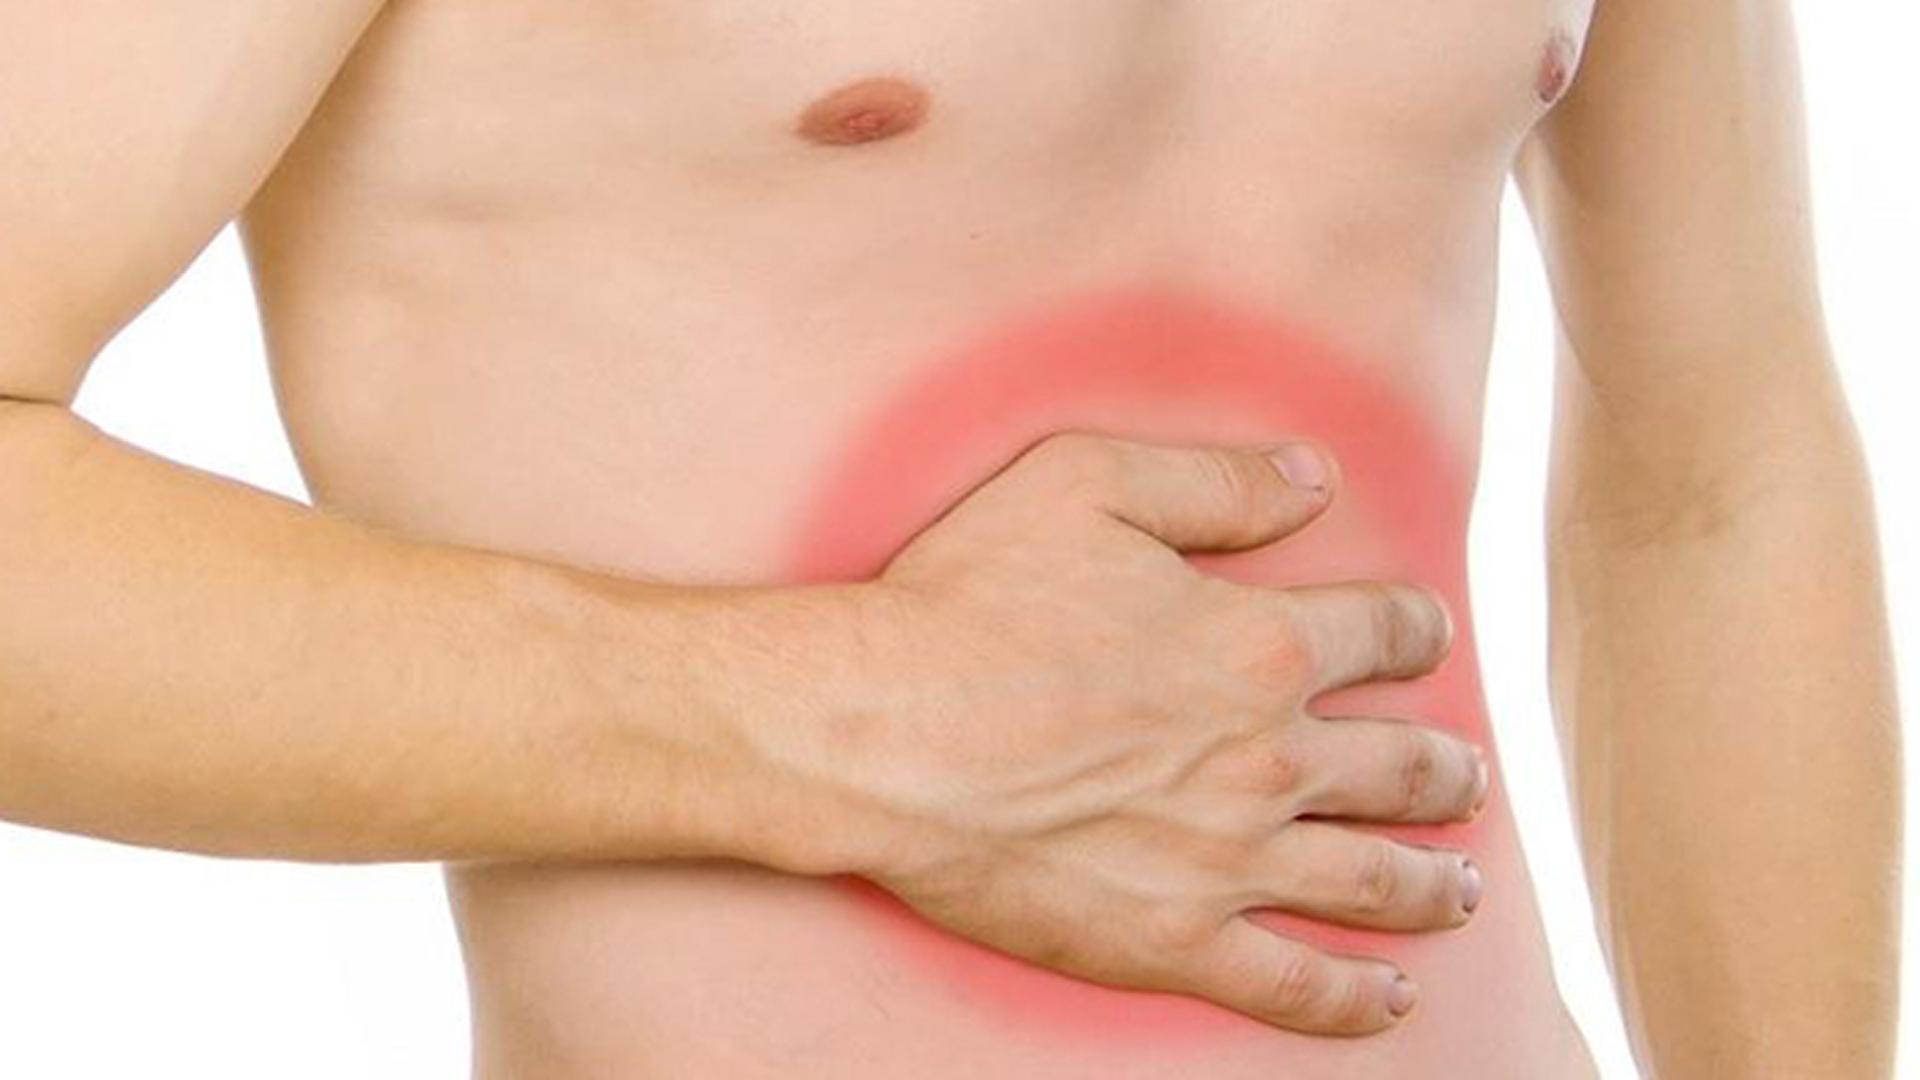 Es importante que se consulte al médico ante una diarrea persistente, presencia de moco o sangre en la materia fecal